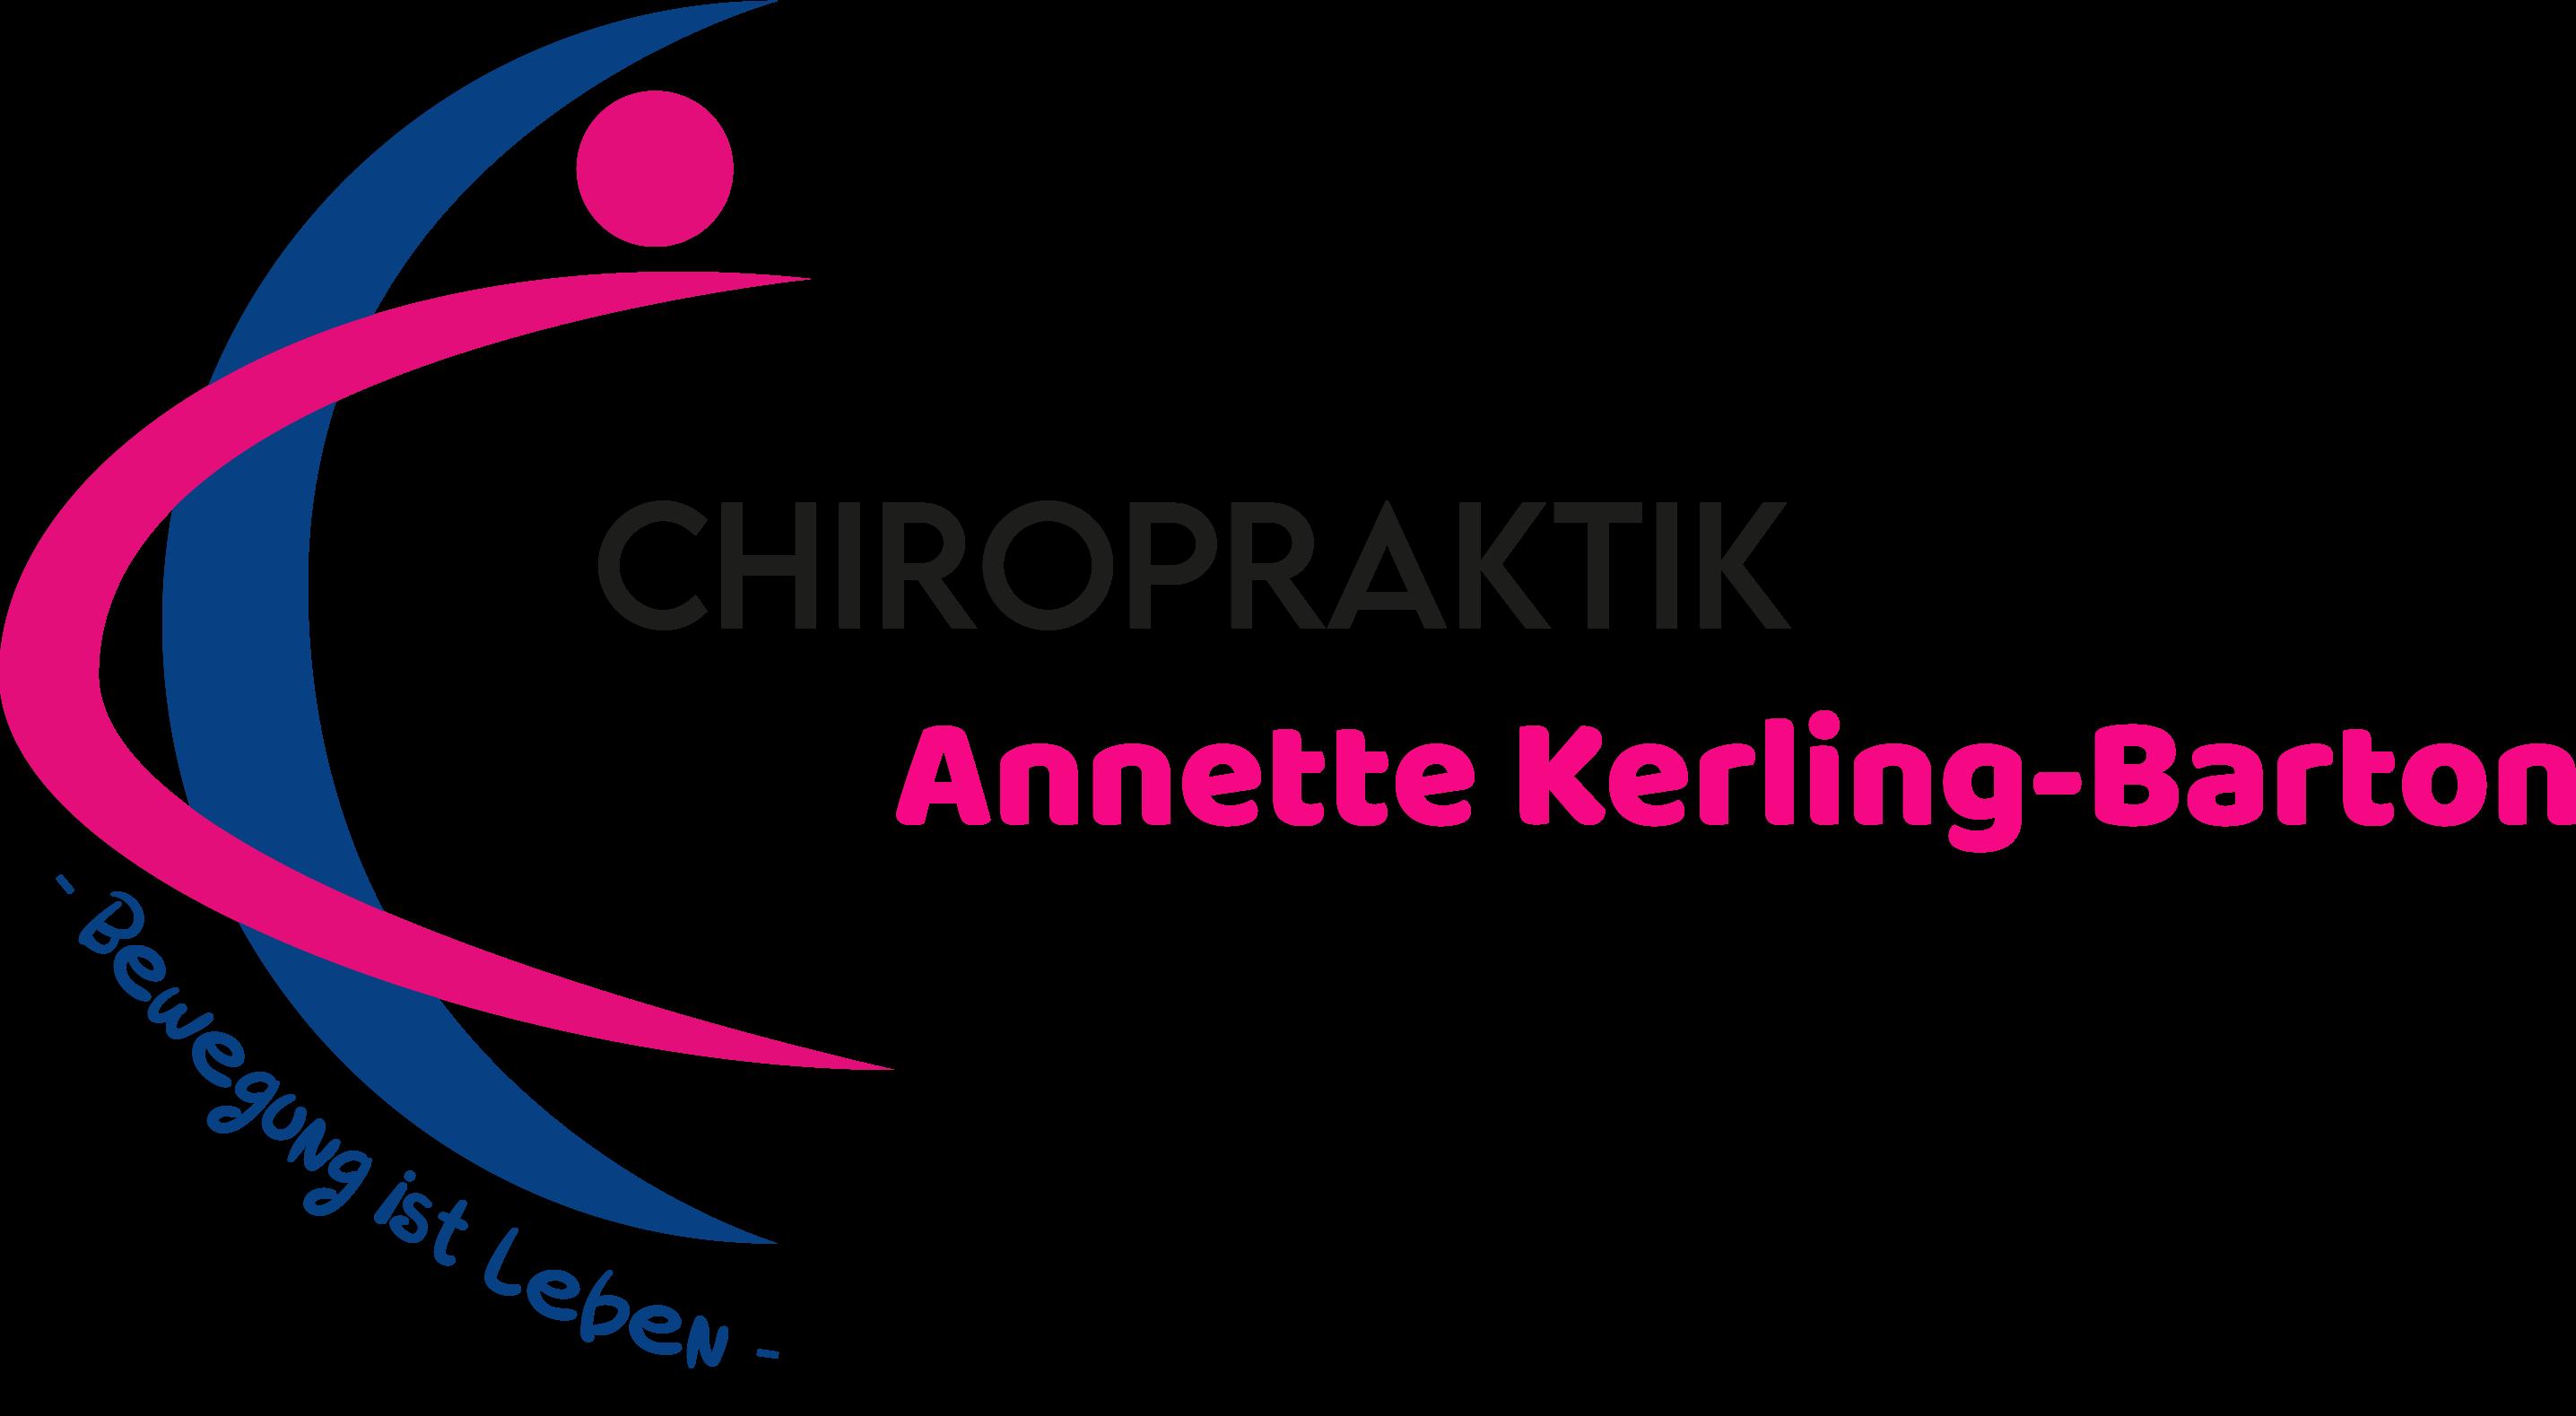 Logo Chiropraktik Kerling-Barton